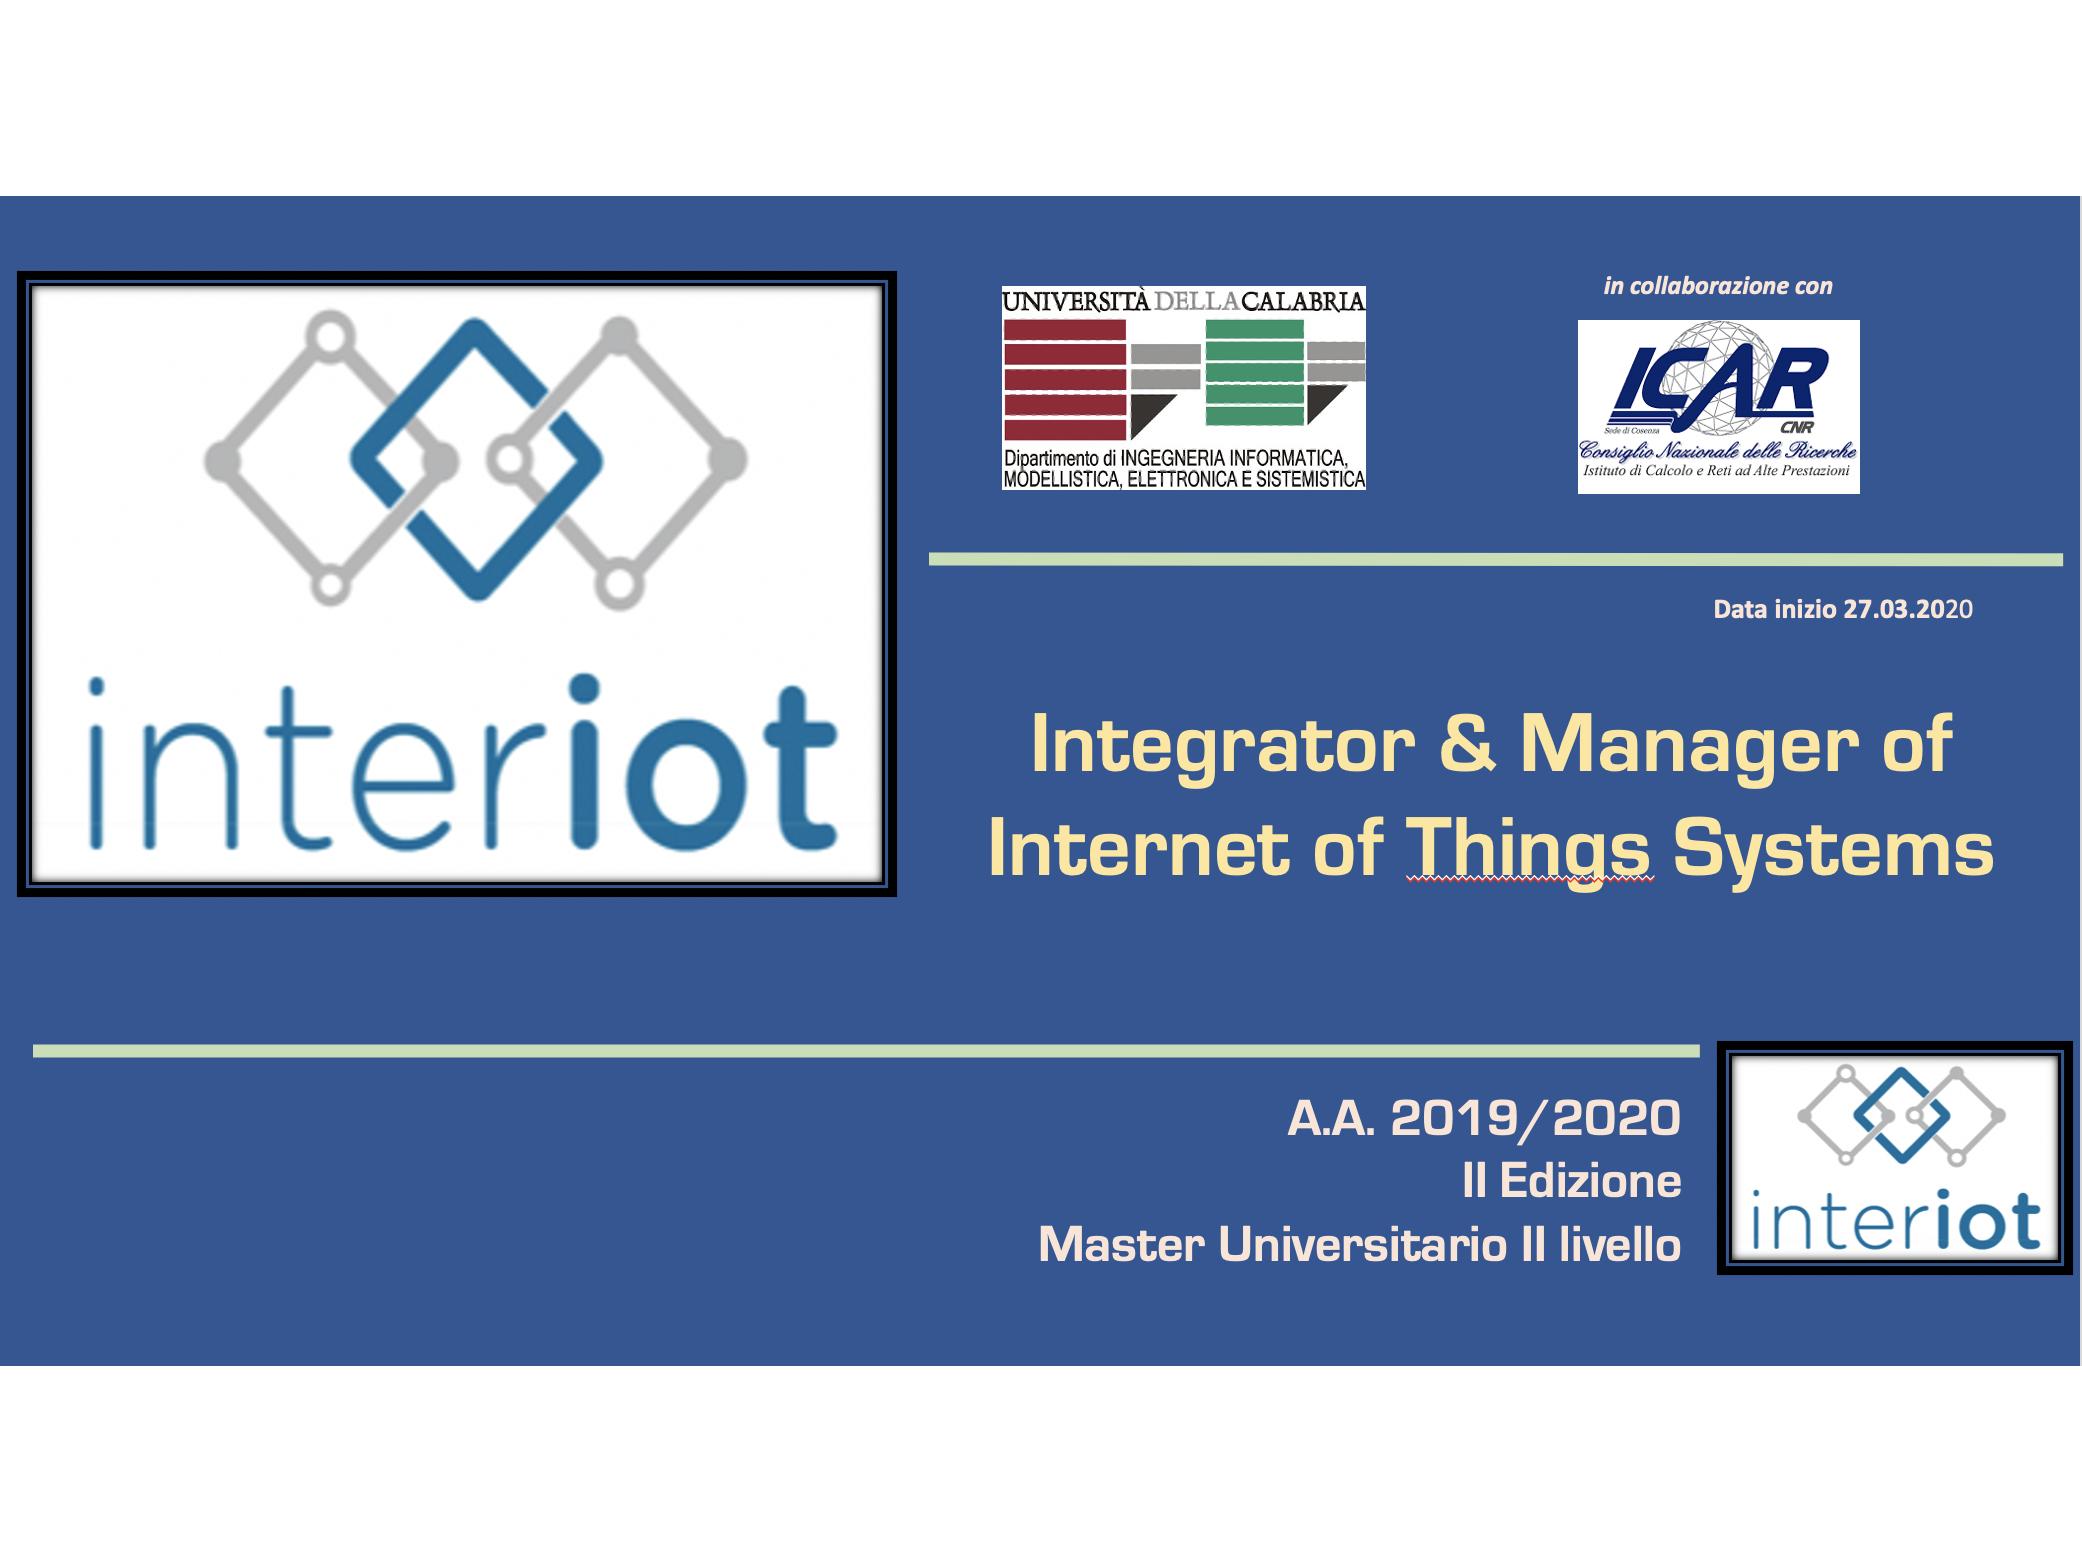 II Edizione Del Master IoT